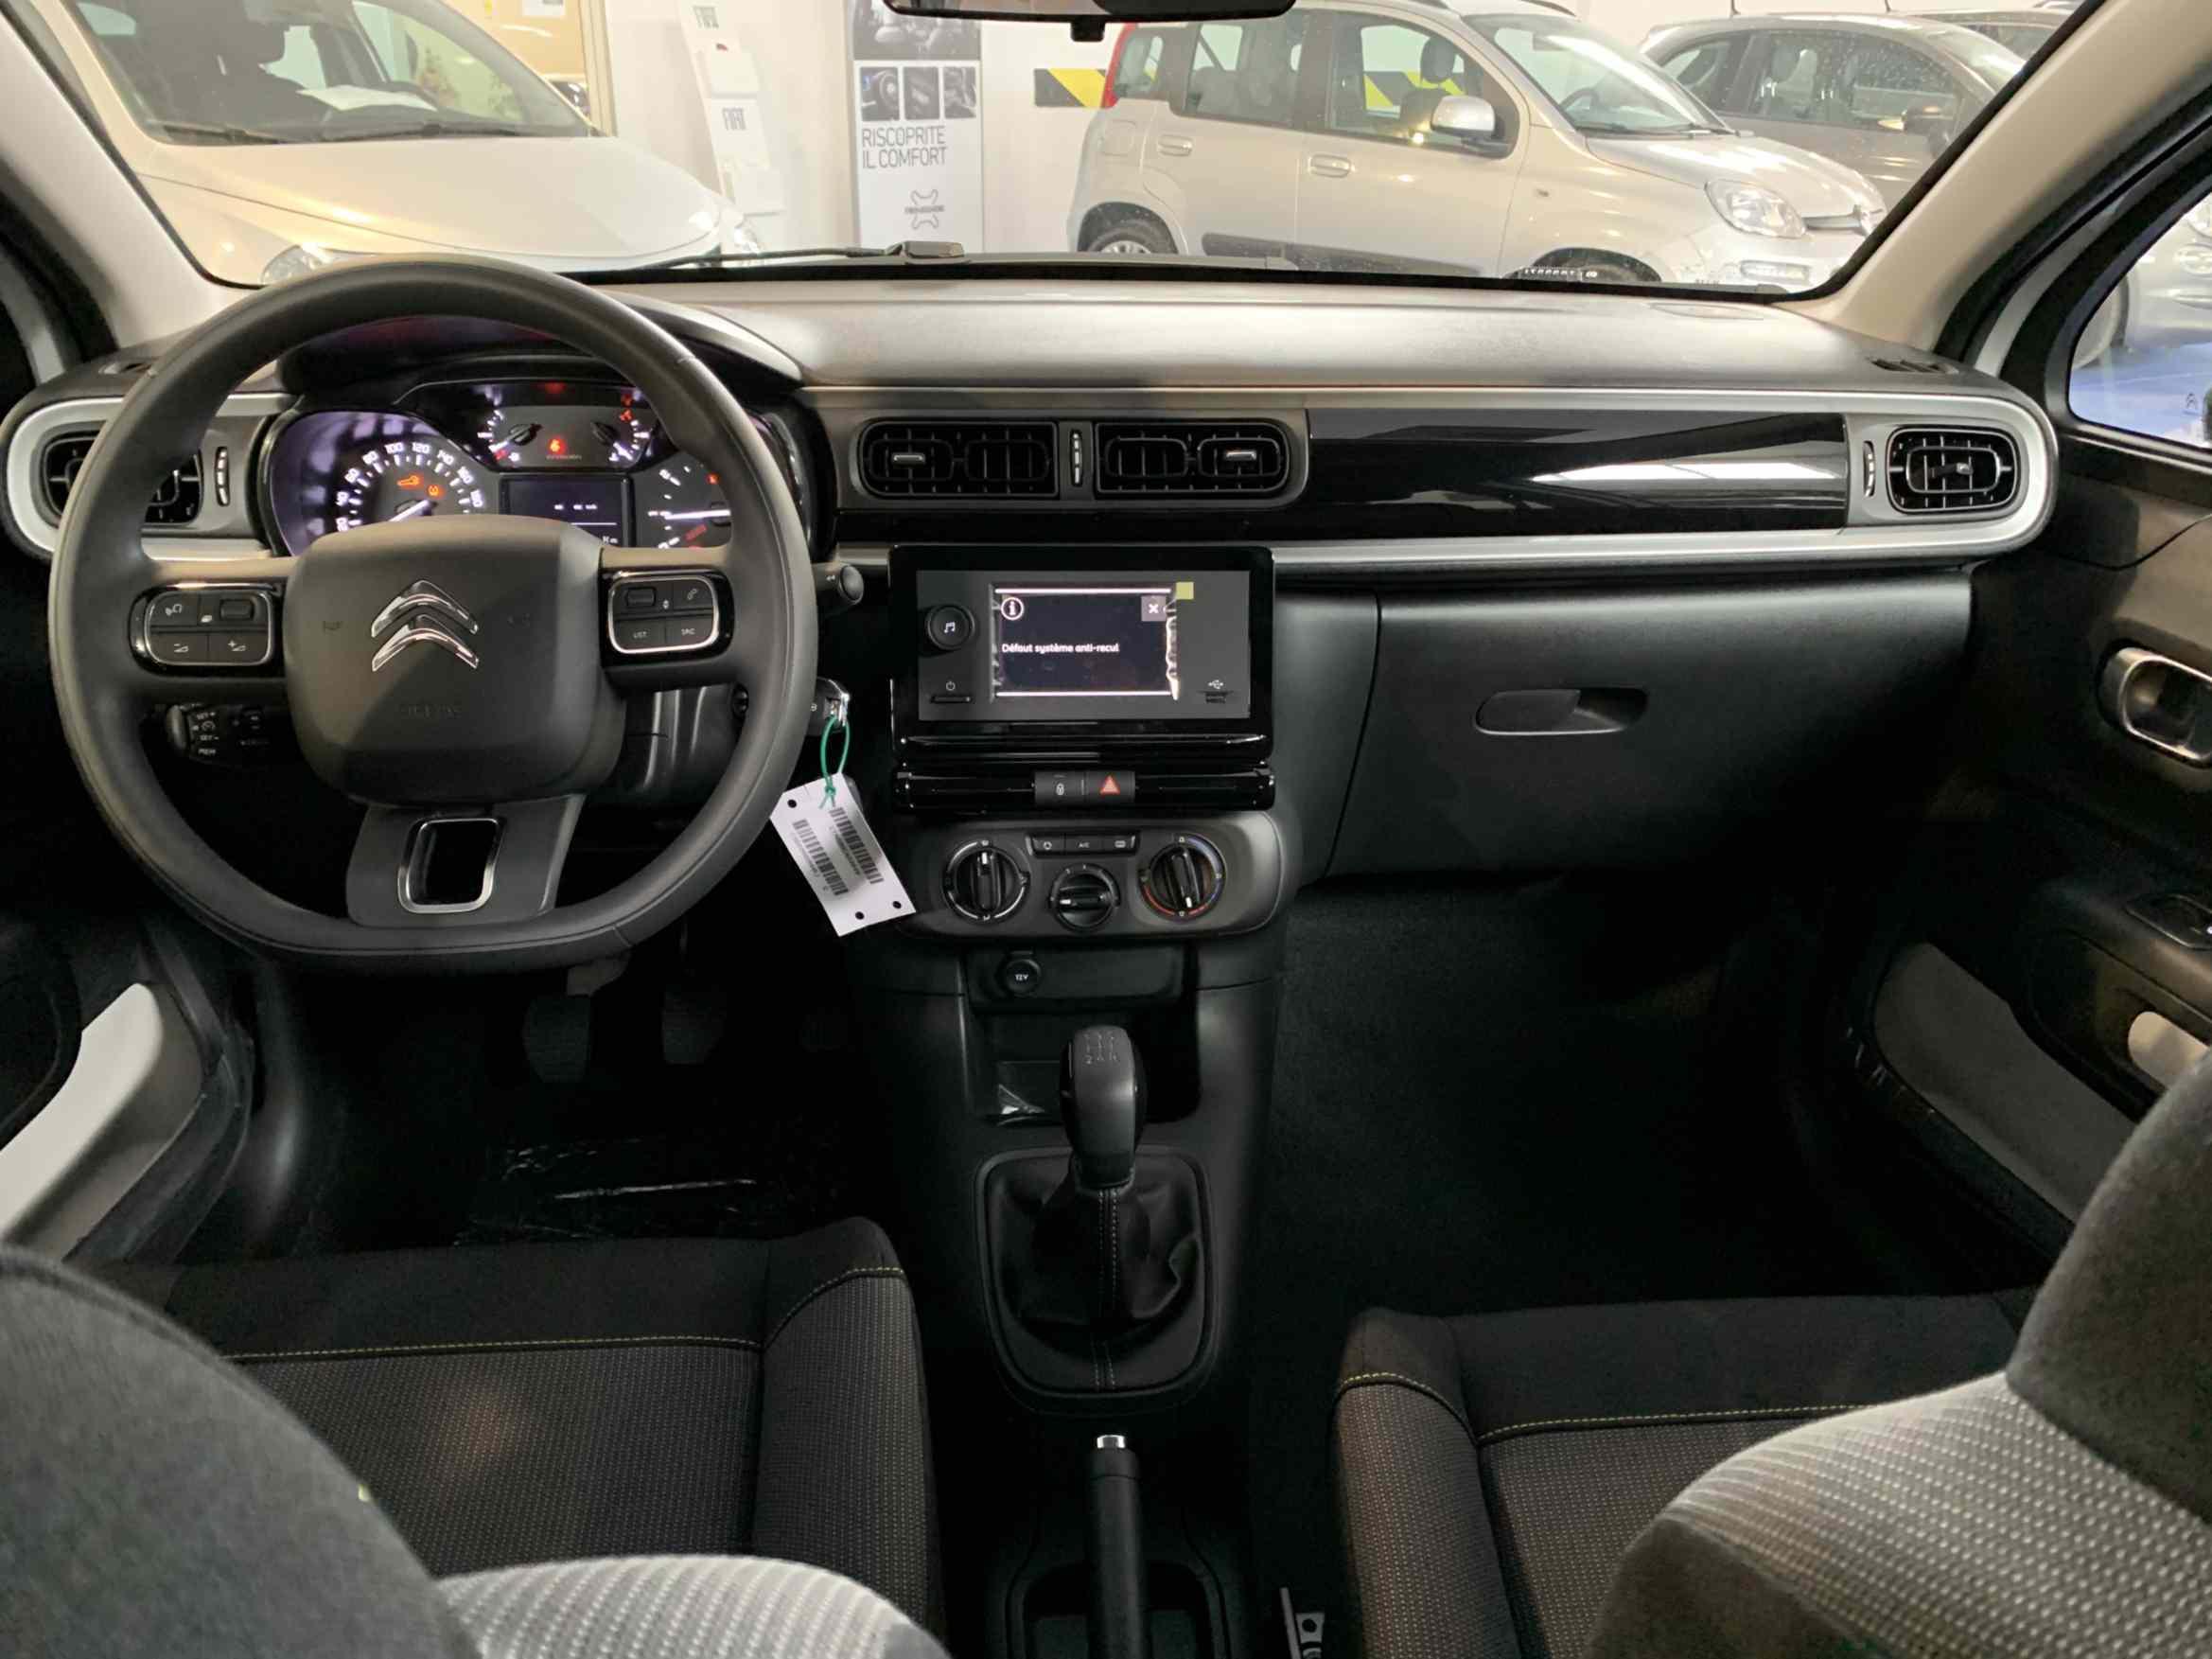 premium_vendita_auto_enna_sicilia_12